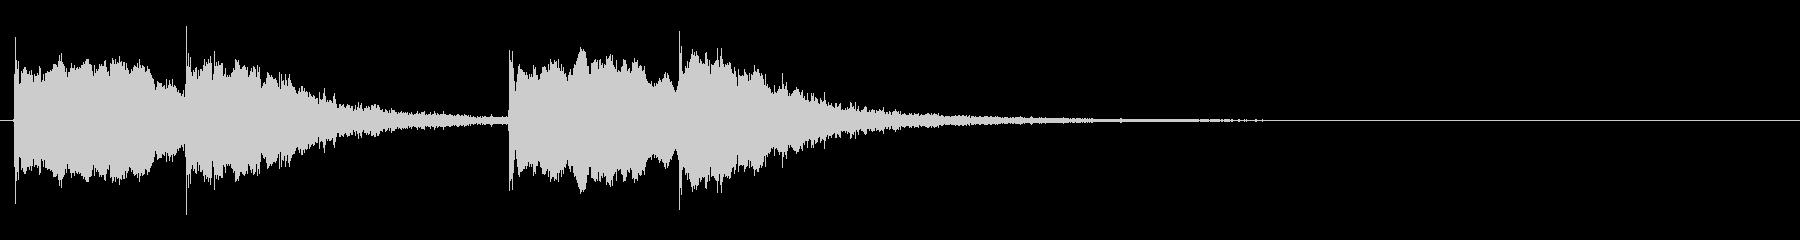 ハンドベルのかわいいピンポンの音2の未再生の波形